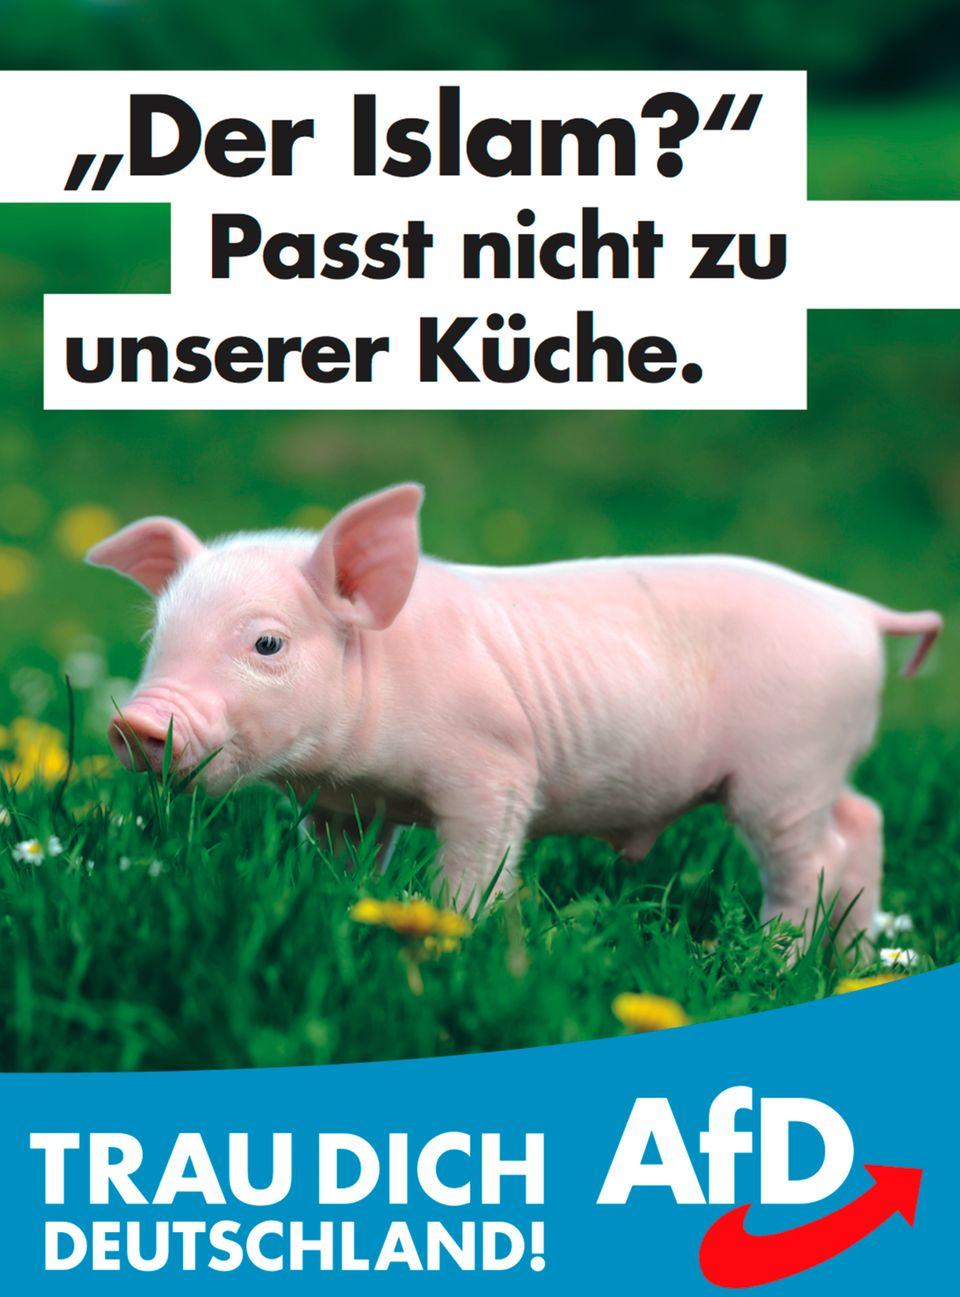 Eines der Wahlplakate der AfD